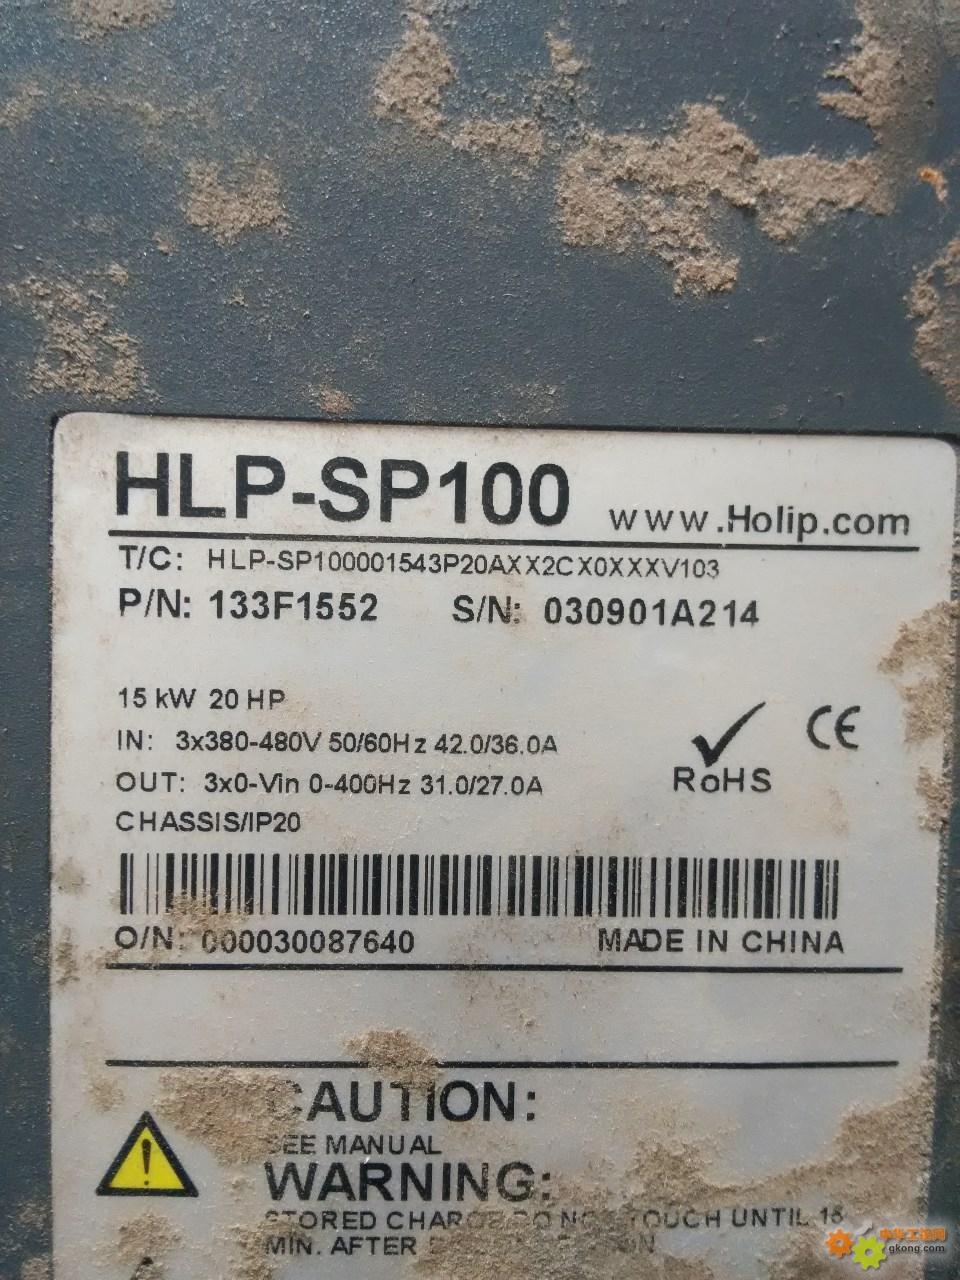 海利普hlp-sp100 15kw驱动电路图 - 变频器论坛 中华